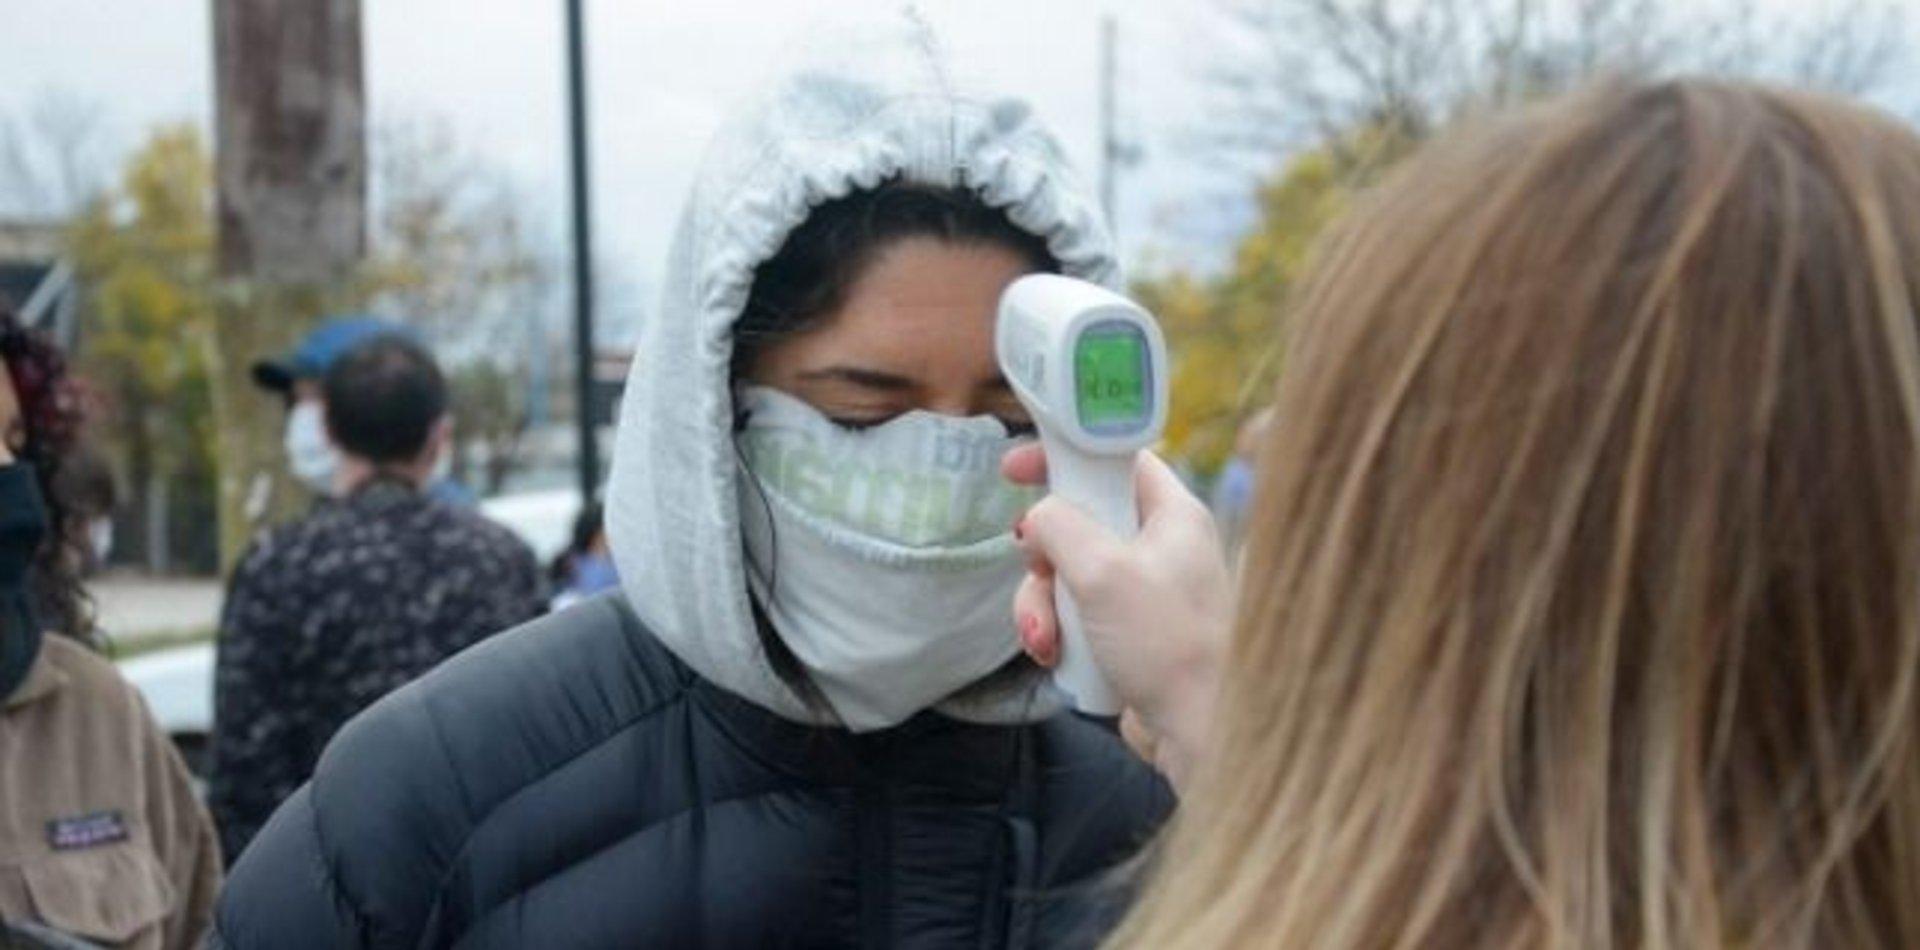 Confirman 35 nuevos casos y ya son 883 los contagios de coronavirus en La Plata